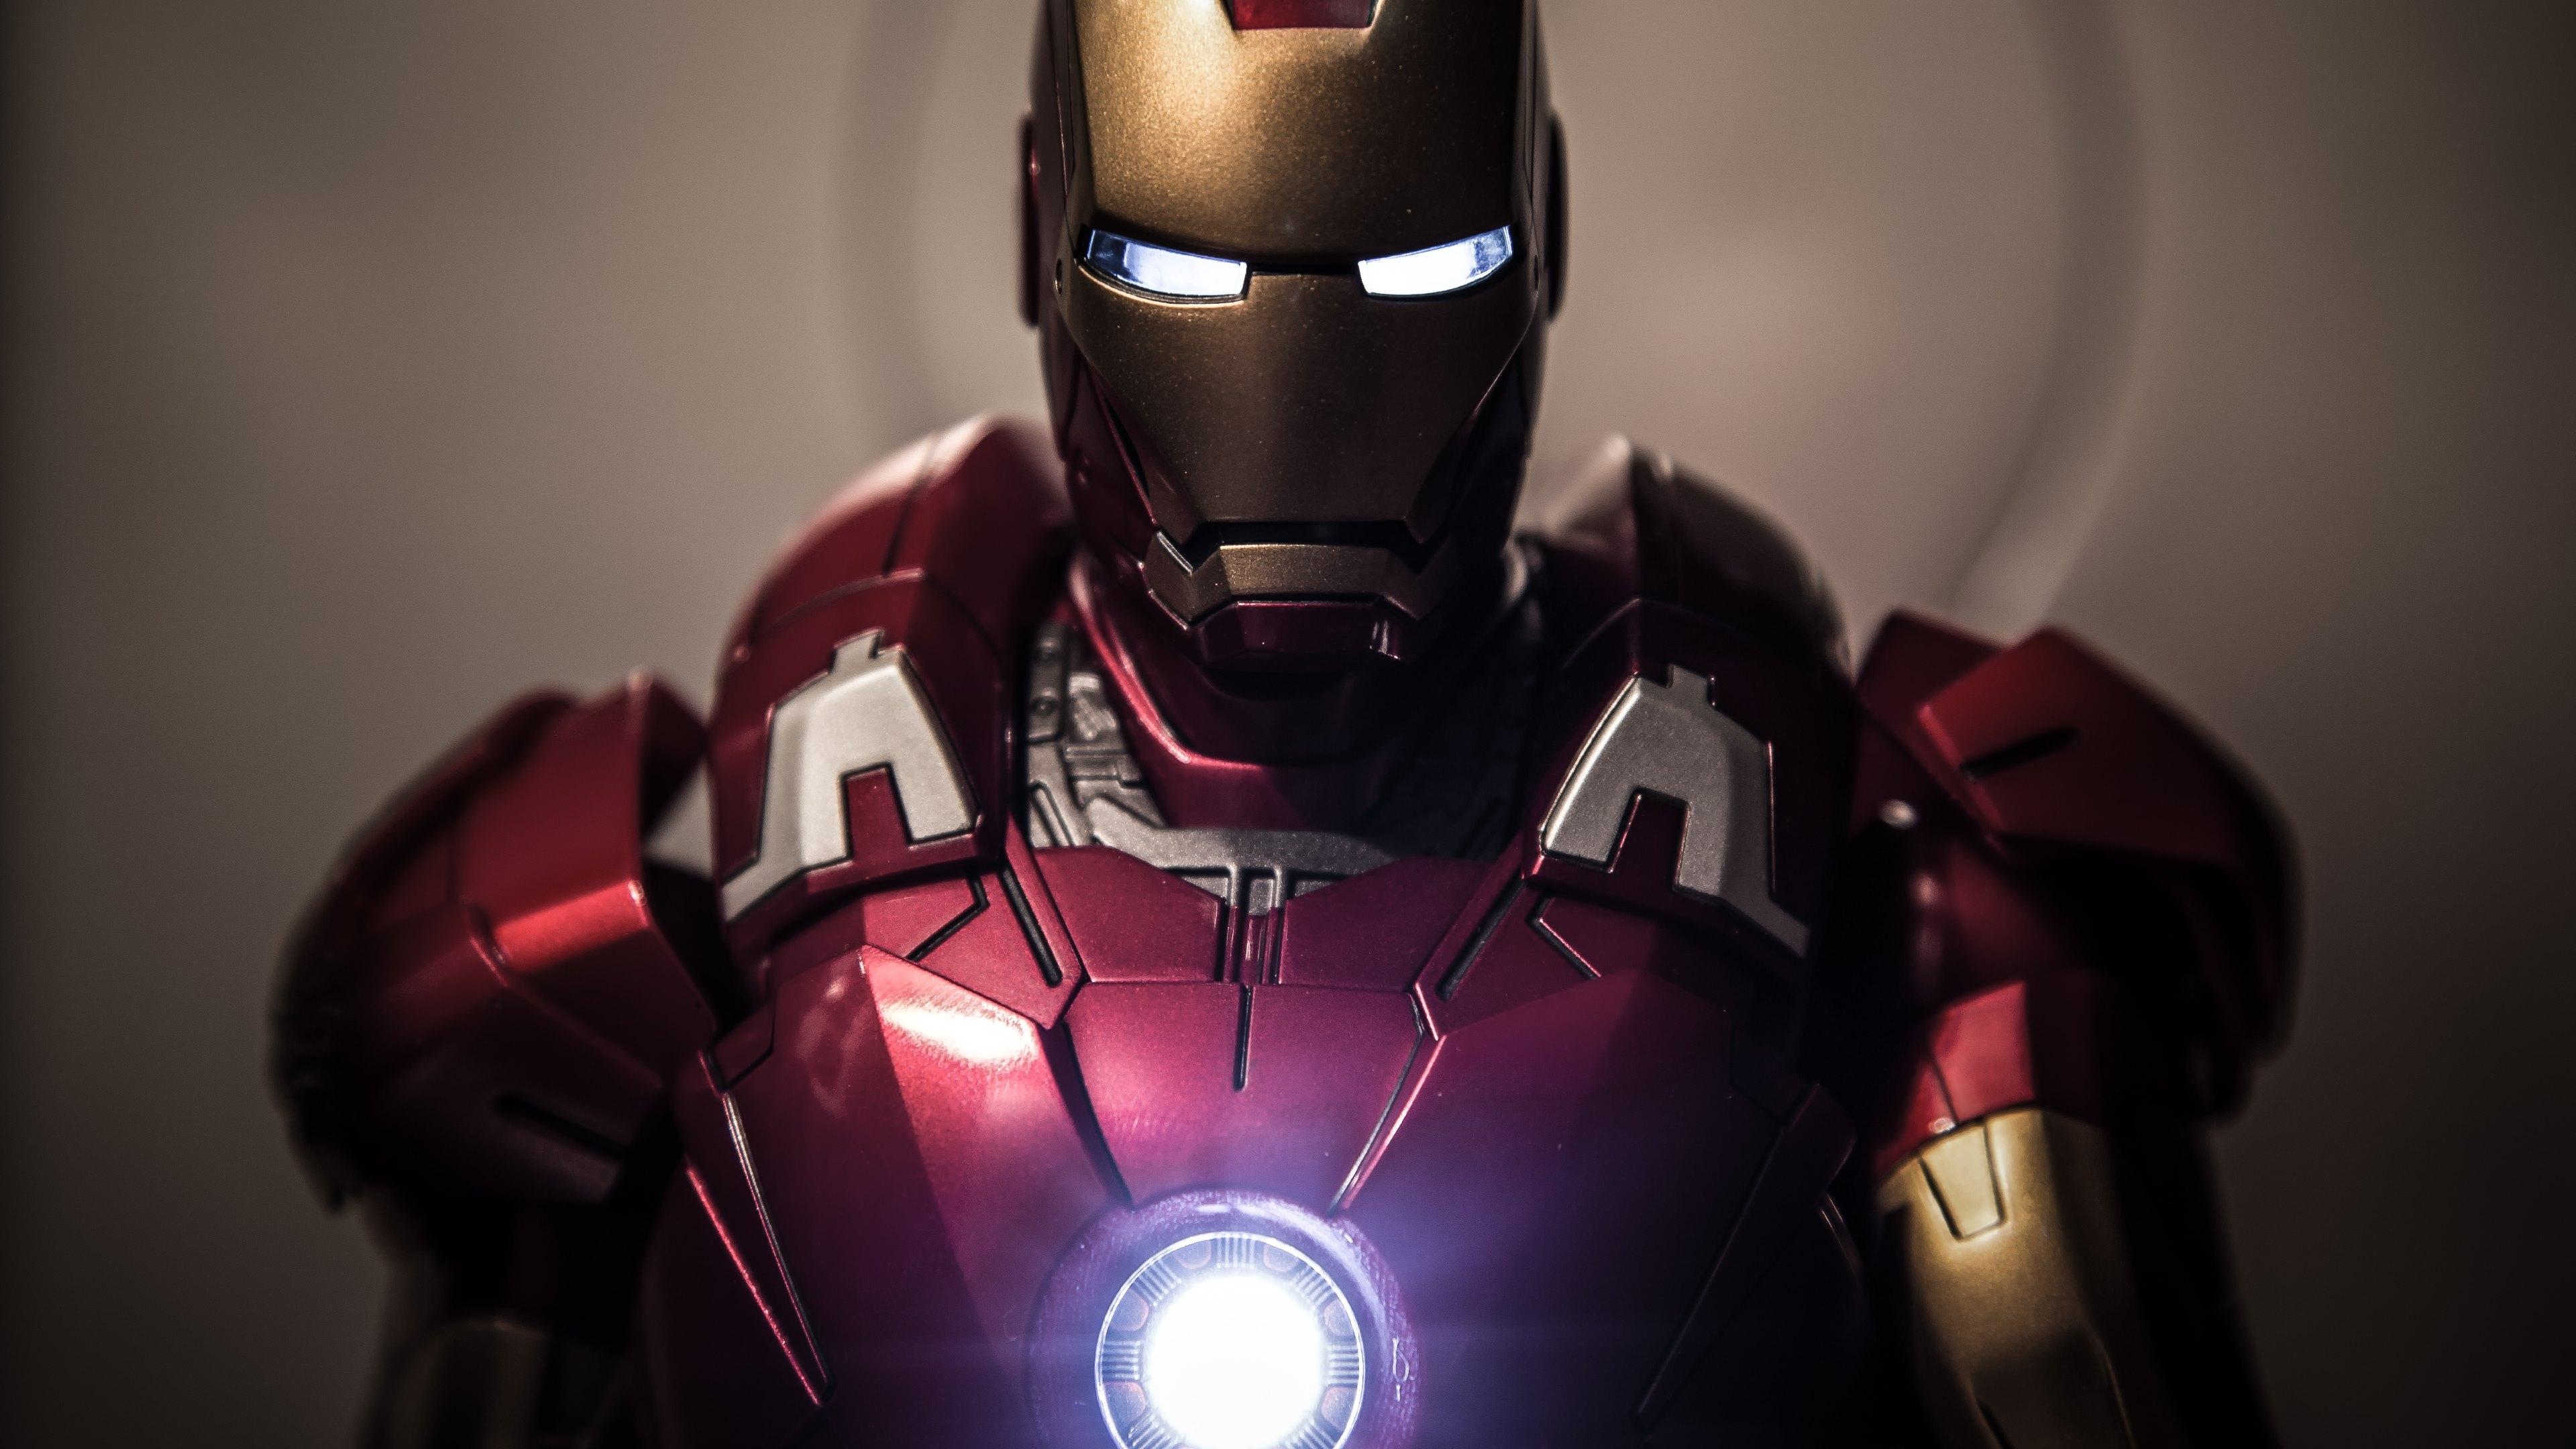 Este hombre se inspiró en el traje de Iron Man y creó uno propio